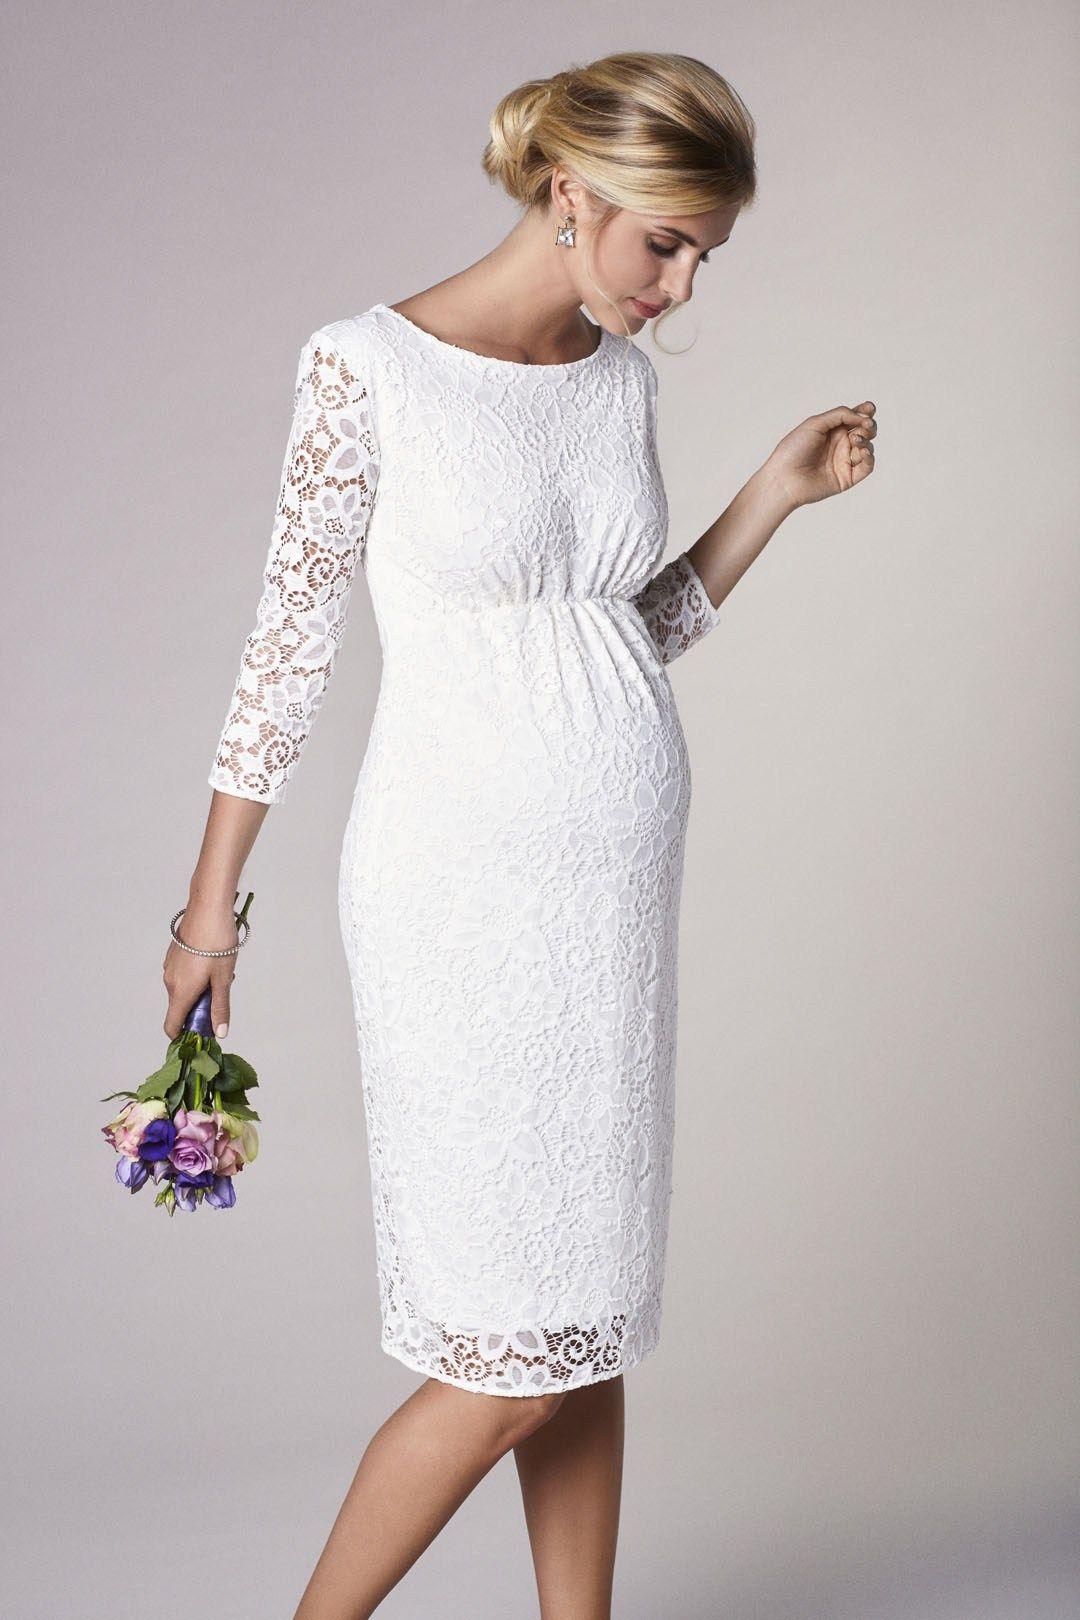 Brautkleider für Schwangere von Boesckens Erkelenz  Brautkleider